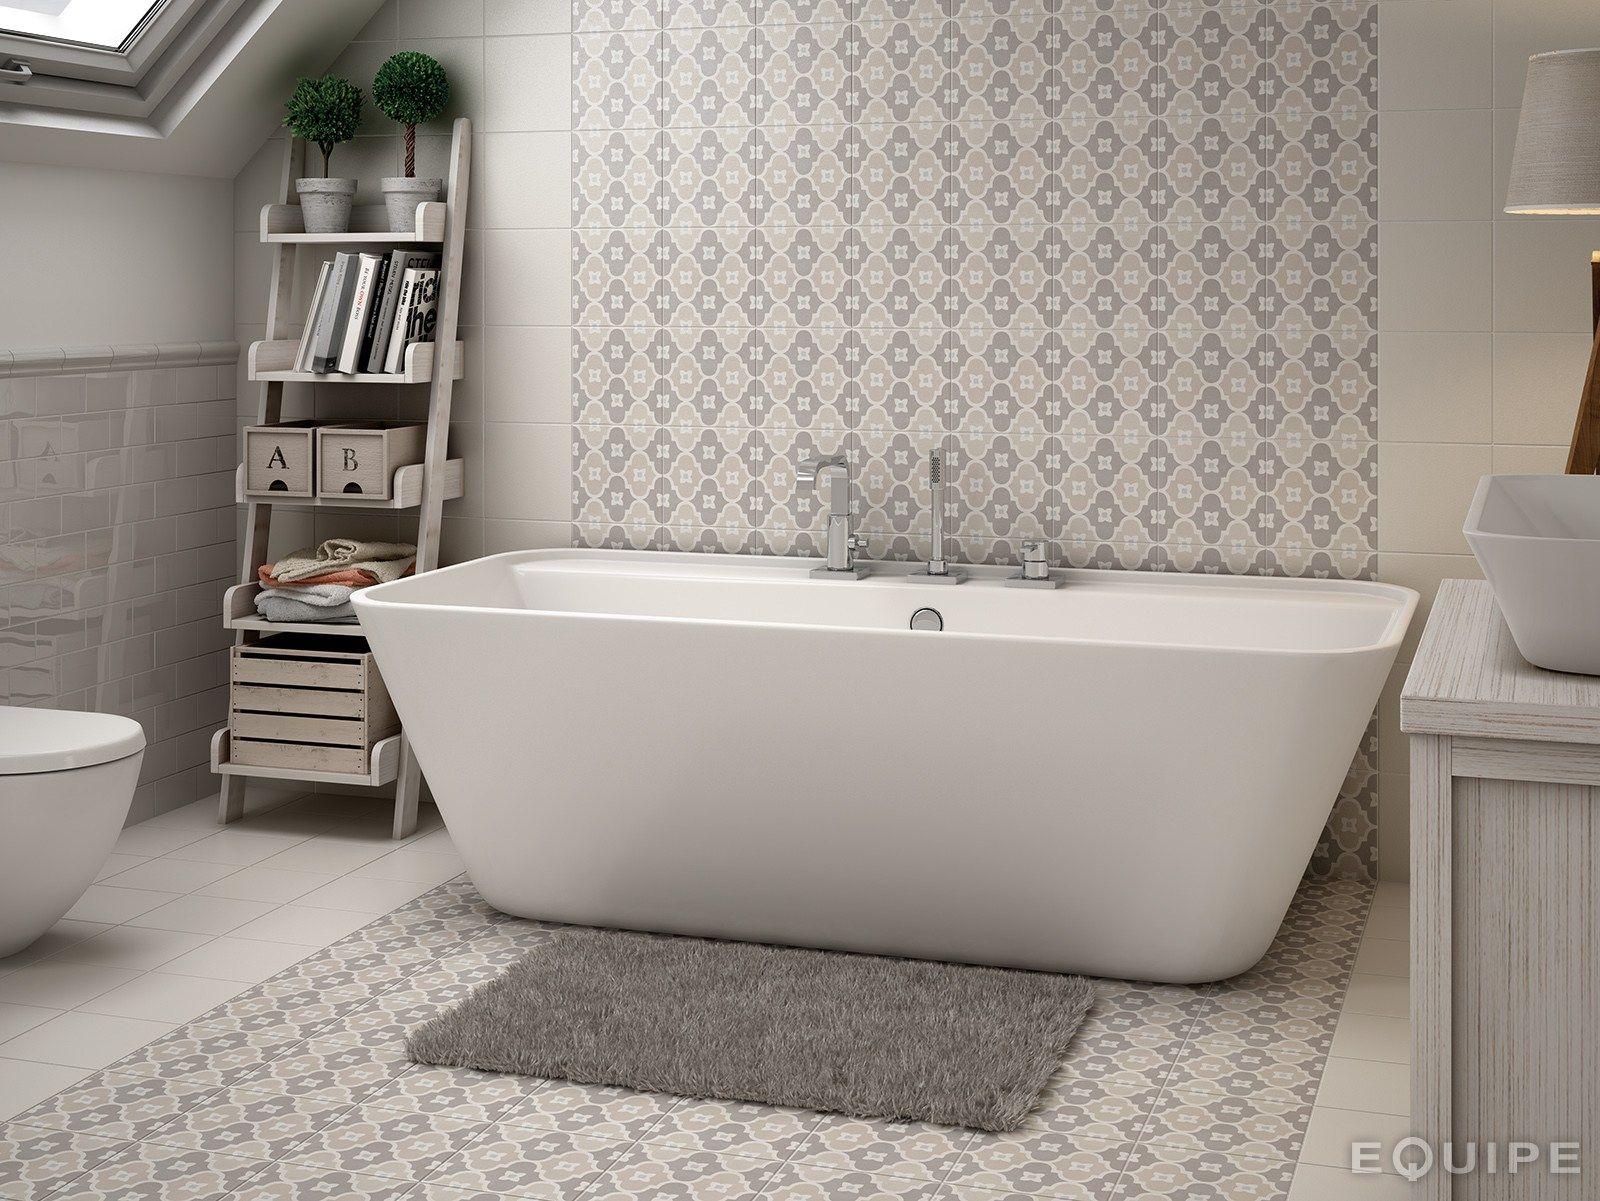 Bagno giallo ~ Caprice deco bowtie pastel bagno bagno